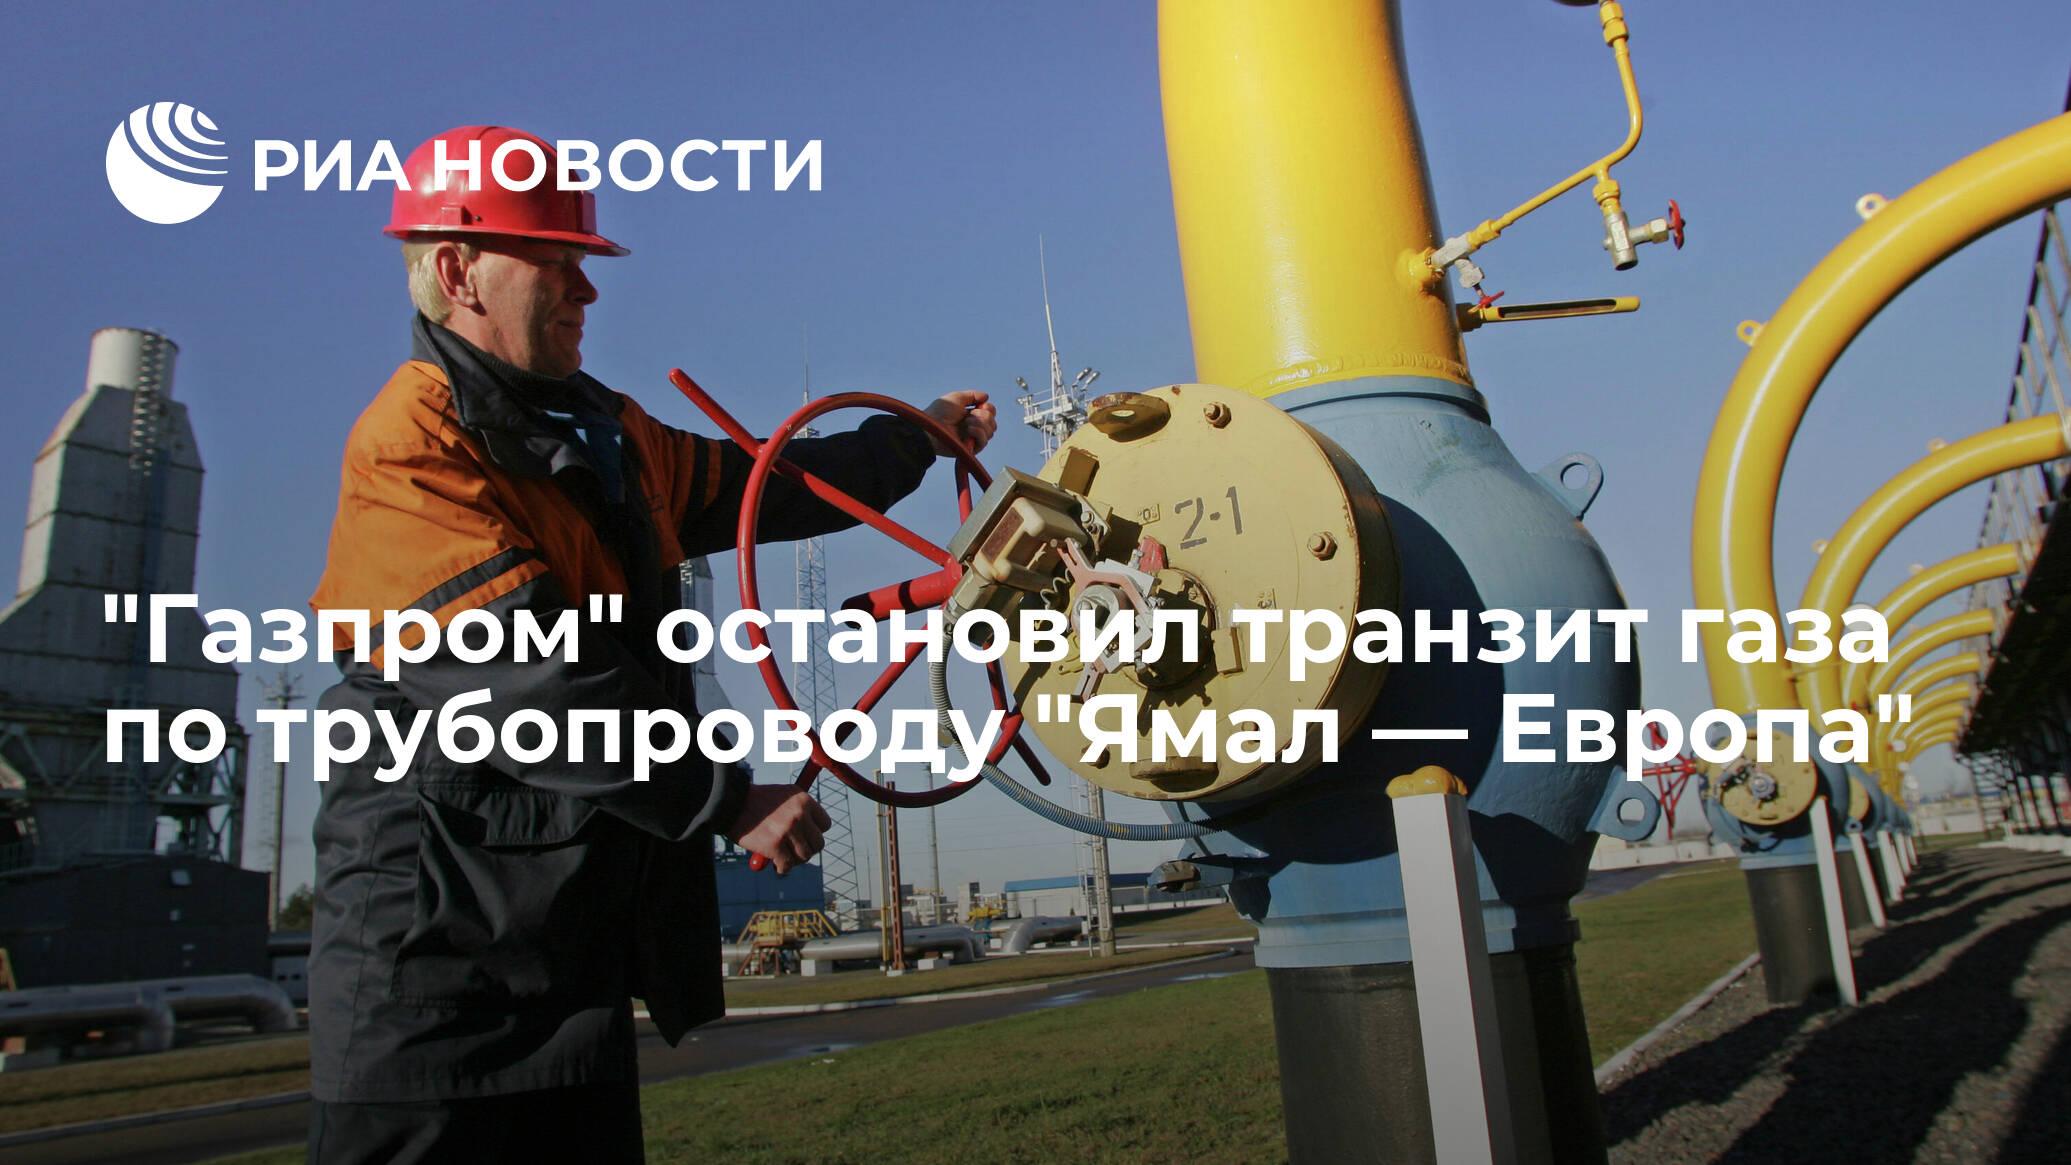 'Газпром' остановил транзит газа по трубопроводу 'Ямал — Европа' - РИА НОВОСТИ